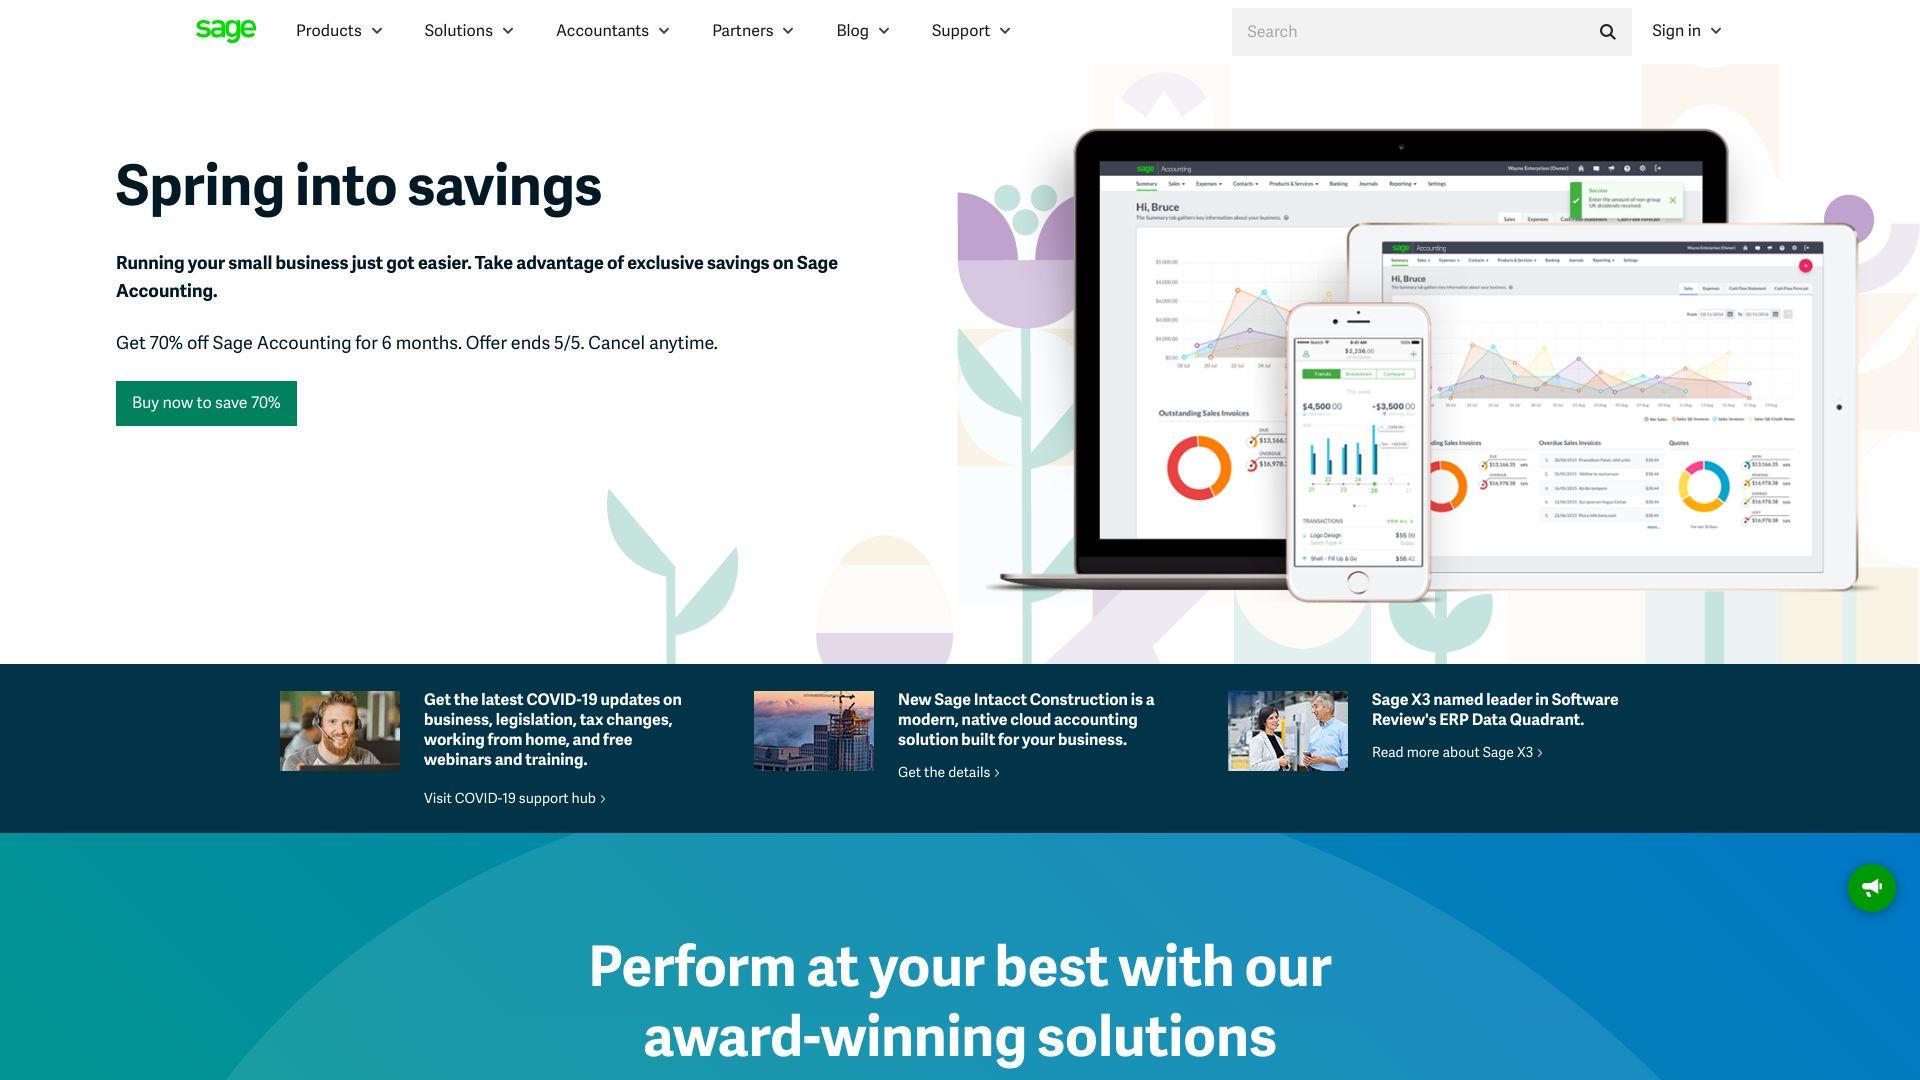 Sage screenshot